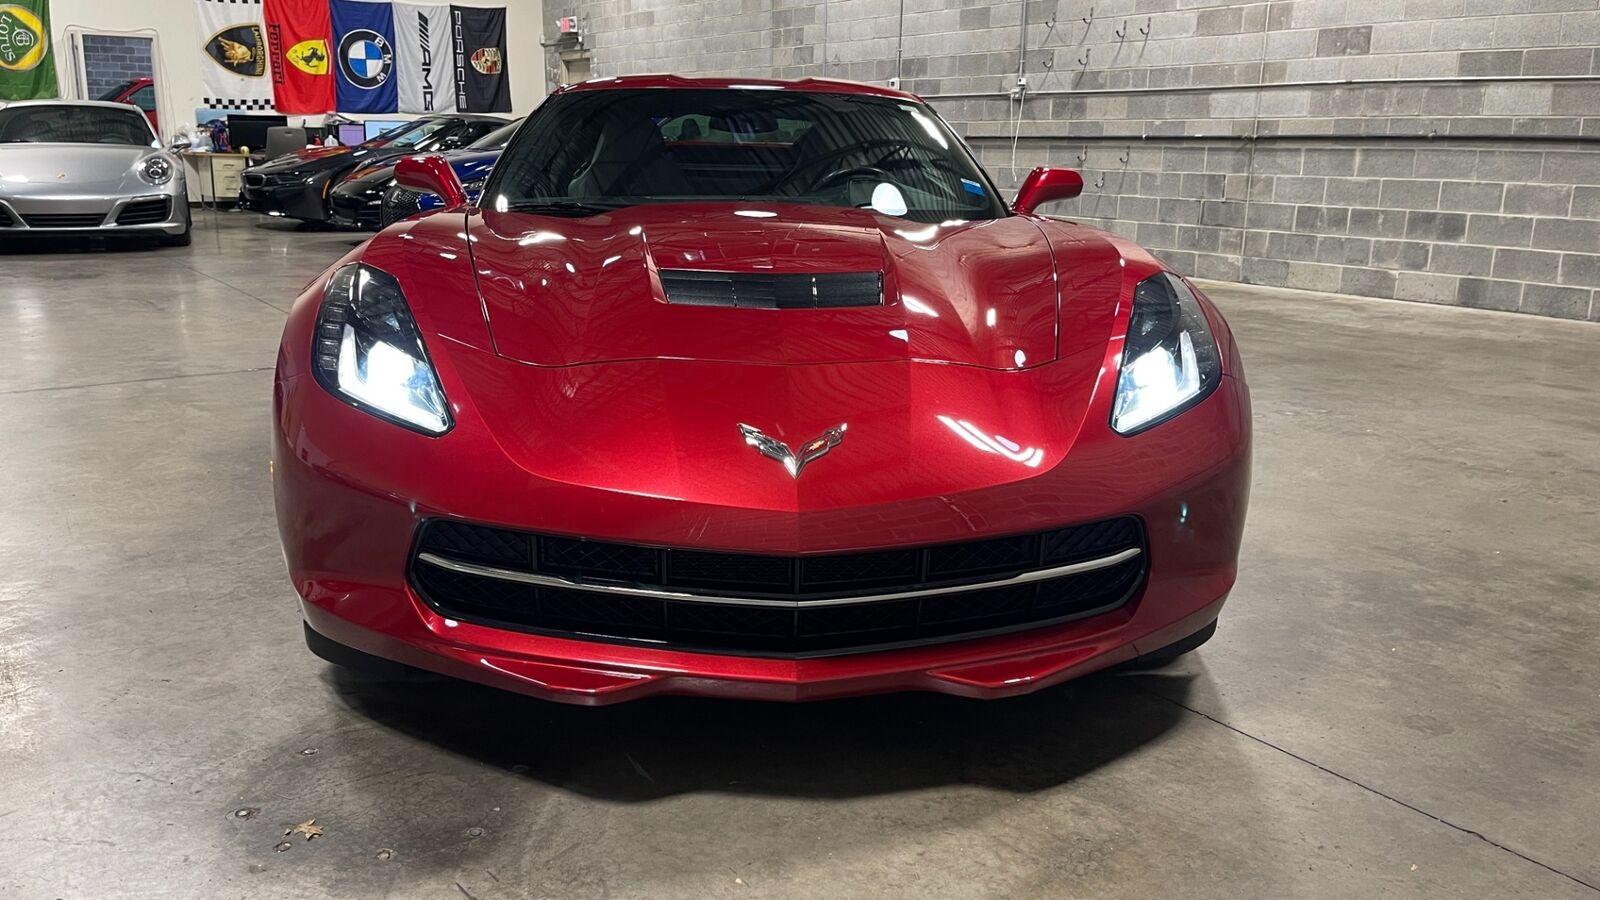 2015 Red Chevrolet Corvette Stingray 2LT | C7 Corvette Photo 5